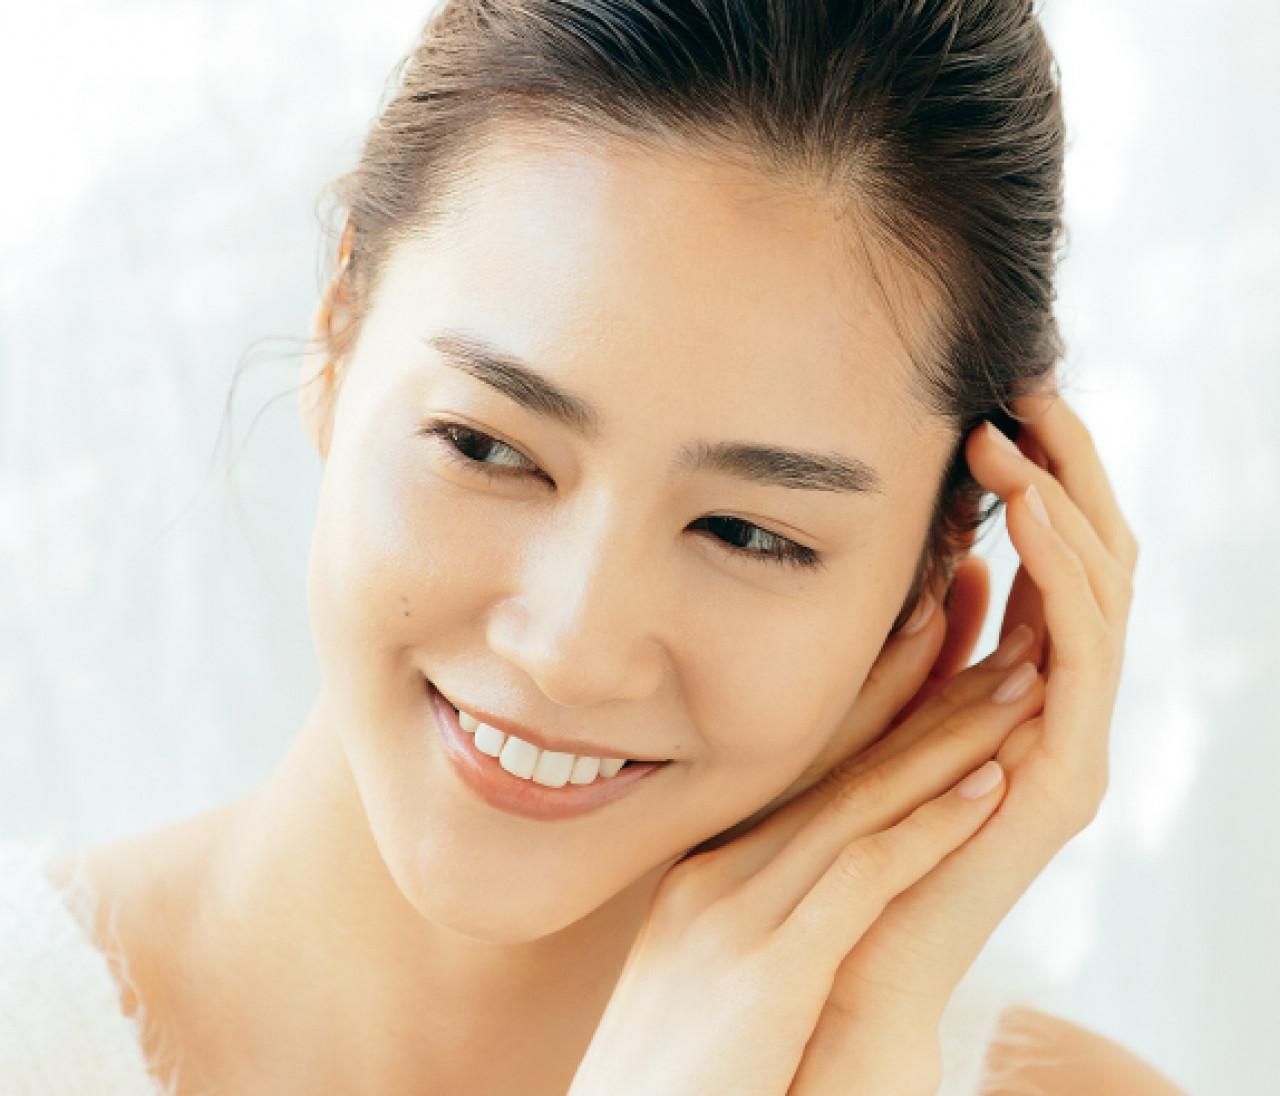 【乾燥肌対策まとめ】美容プロは「クリーム・オイル・スチーム」推し!30代のおすすめ保湿コスメもピックアップ